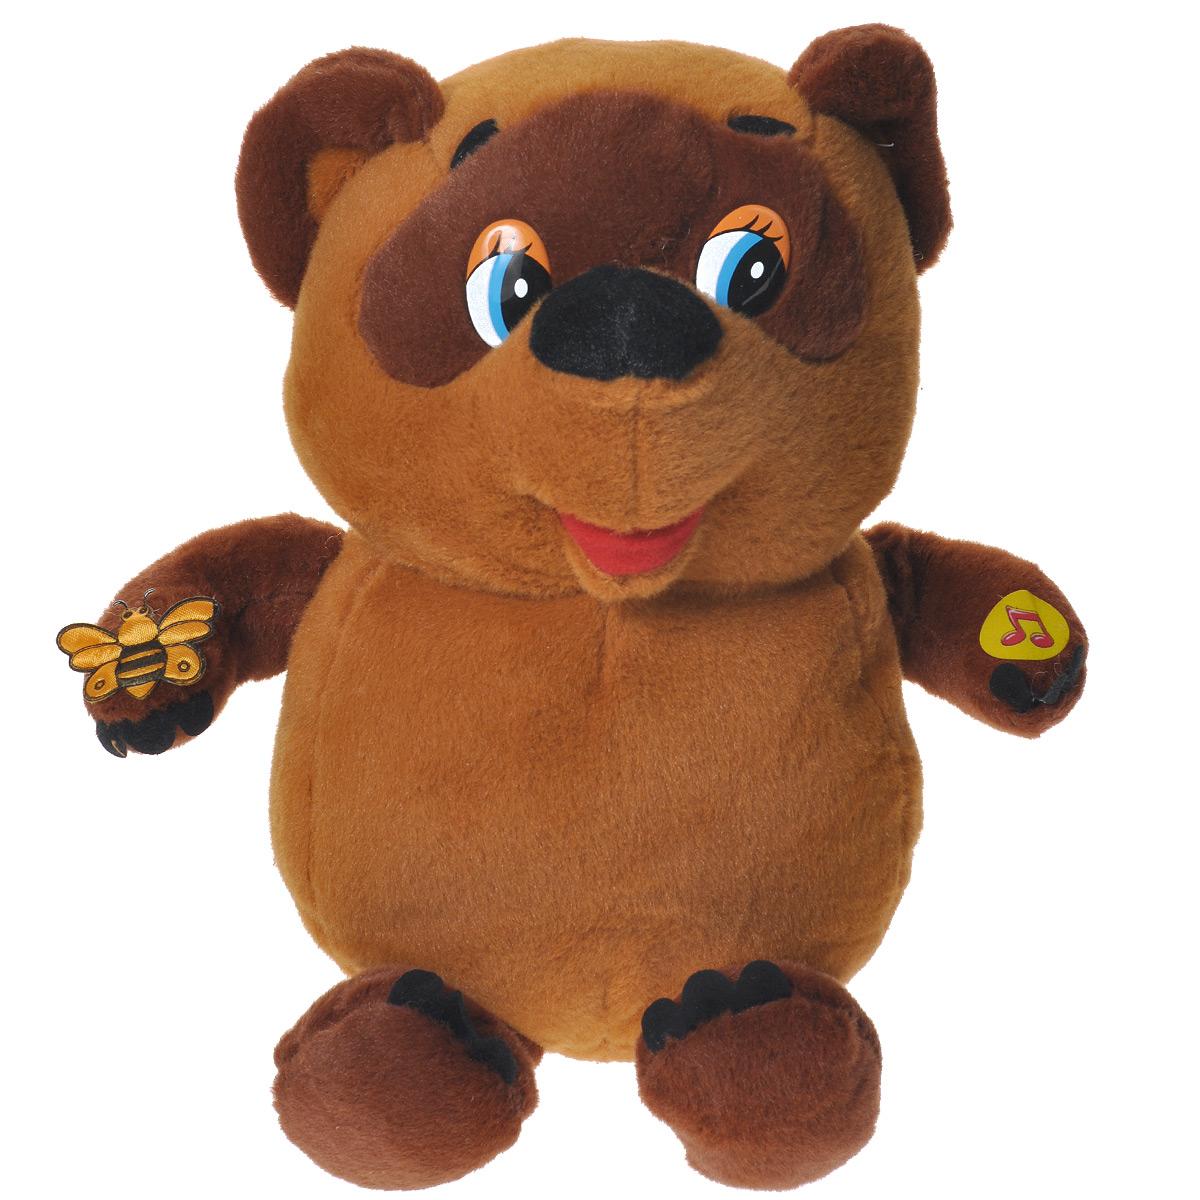 Мягкая озвученная игрушка Мульти-Пульти Винни Пух, 25 смV85137/25s6Мягкая озвученная игрушка Мульти-Пульти Винни Пух вызовет улыбку у каждого, кто ее увидит! Она выполнена в виде всем известного мультипликационного персонажа - медвежонка из мультфильма Винни Пух и все-все-все. Туловище игрушки - мягконабивное, глазки - пластик. На лапе у него сидит пчелка. Если нажать игрушке на лапку, Винни Пух споет песенку и произнесет фразы своего героя: Хорошо живет на свете Винни Пух! От того поет он эти песни вслух! И неважно, чем он занят, если он худеть не станет, а ведь он худеть не станет, (если, конечно, вовремя подкрепиться…). Да!, Случайно подумал, а не пойти ли нам в гости?, А зачем носить мед? А для того, чтобы я его ел!, Куда идем мы с пятачком, большой, большой секрет, и не расскажем мы о нем, о нет и нет и нет, А не пора ли нам подкрепиться? По-моему, пора. Игрушка подарит своему обладателю хорошее настроение и позволит насладиться обществом любимого героя. Рекомендуется докупить 3 батарейки напряжением 1,5V...